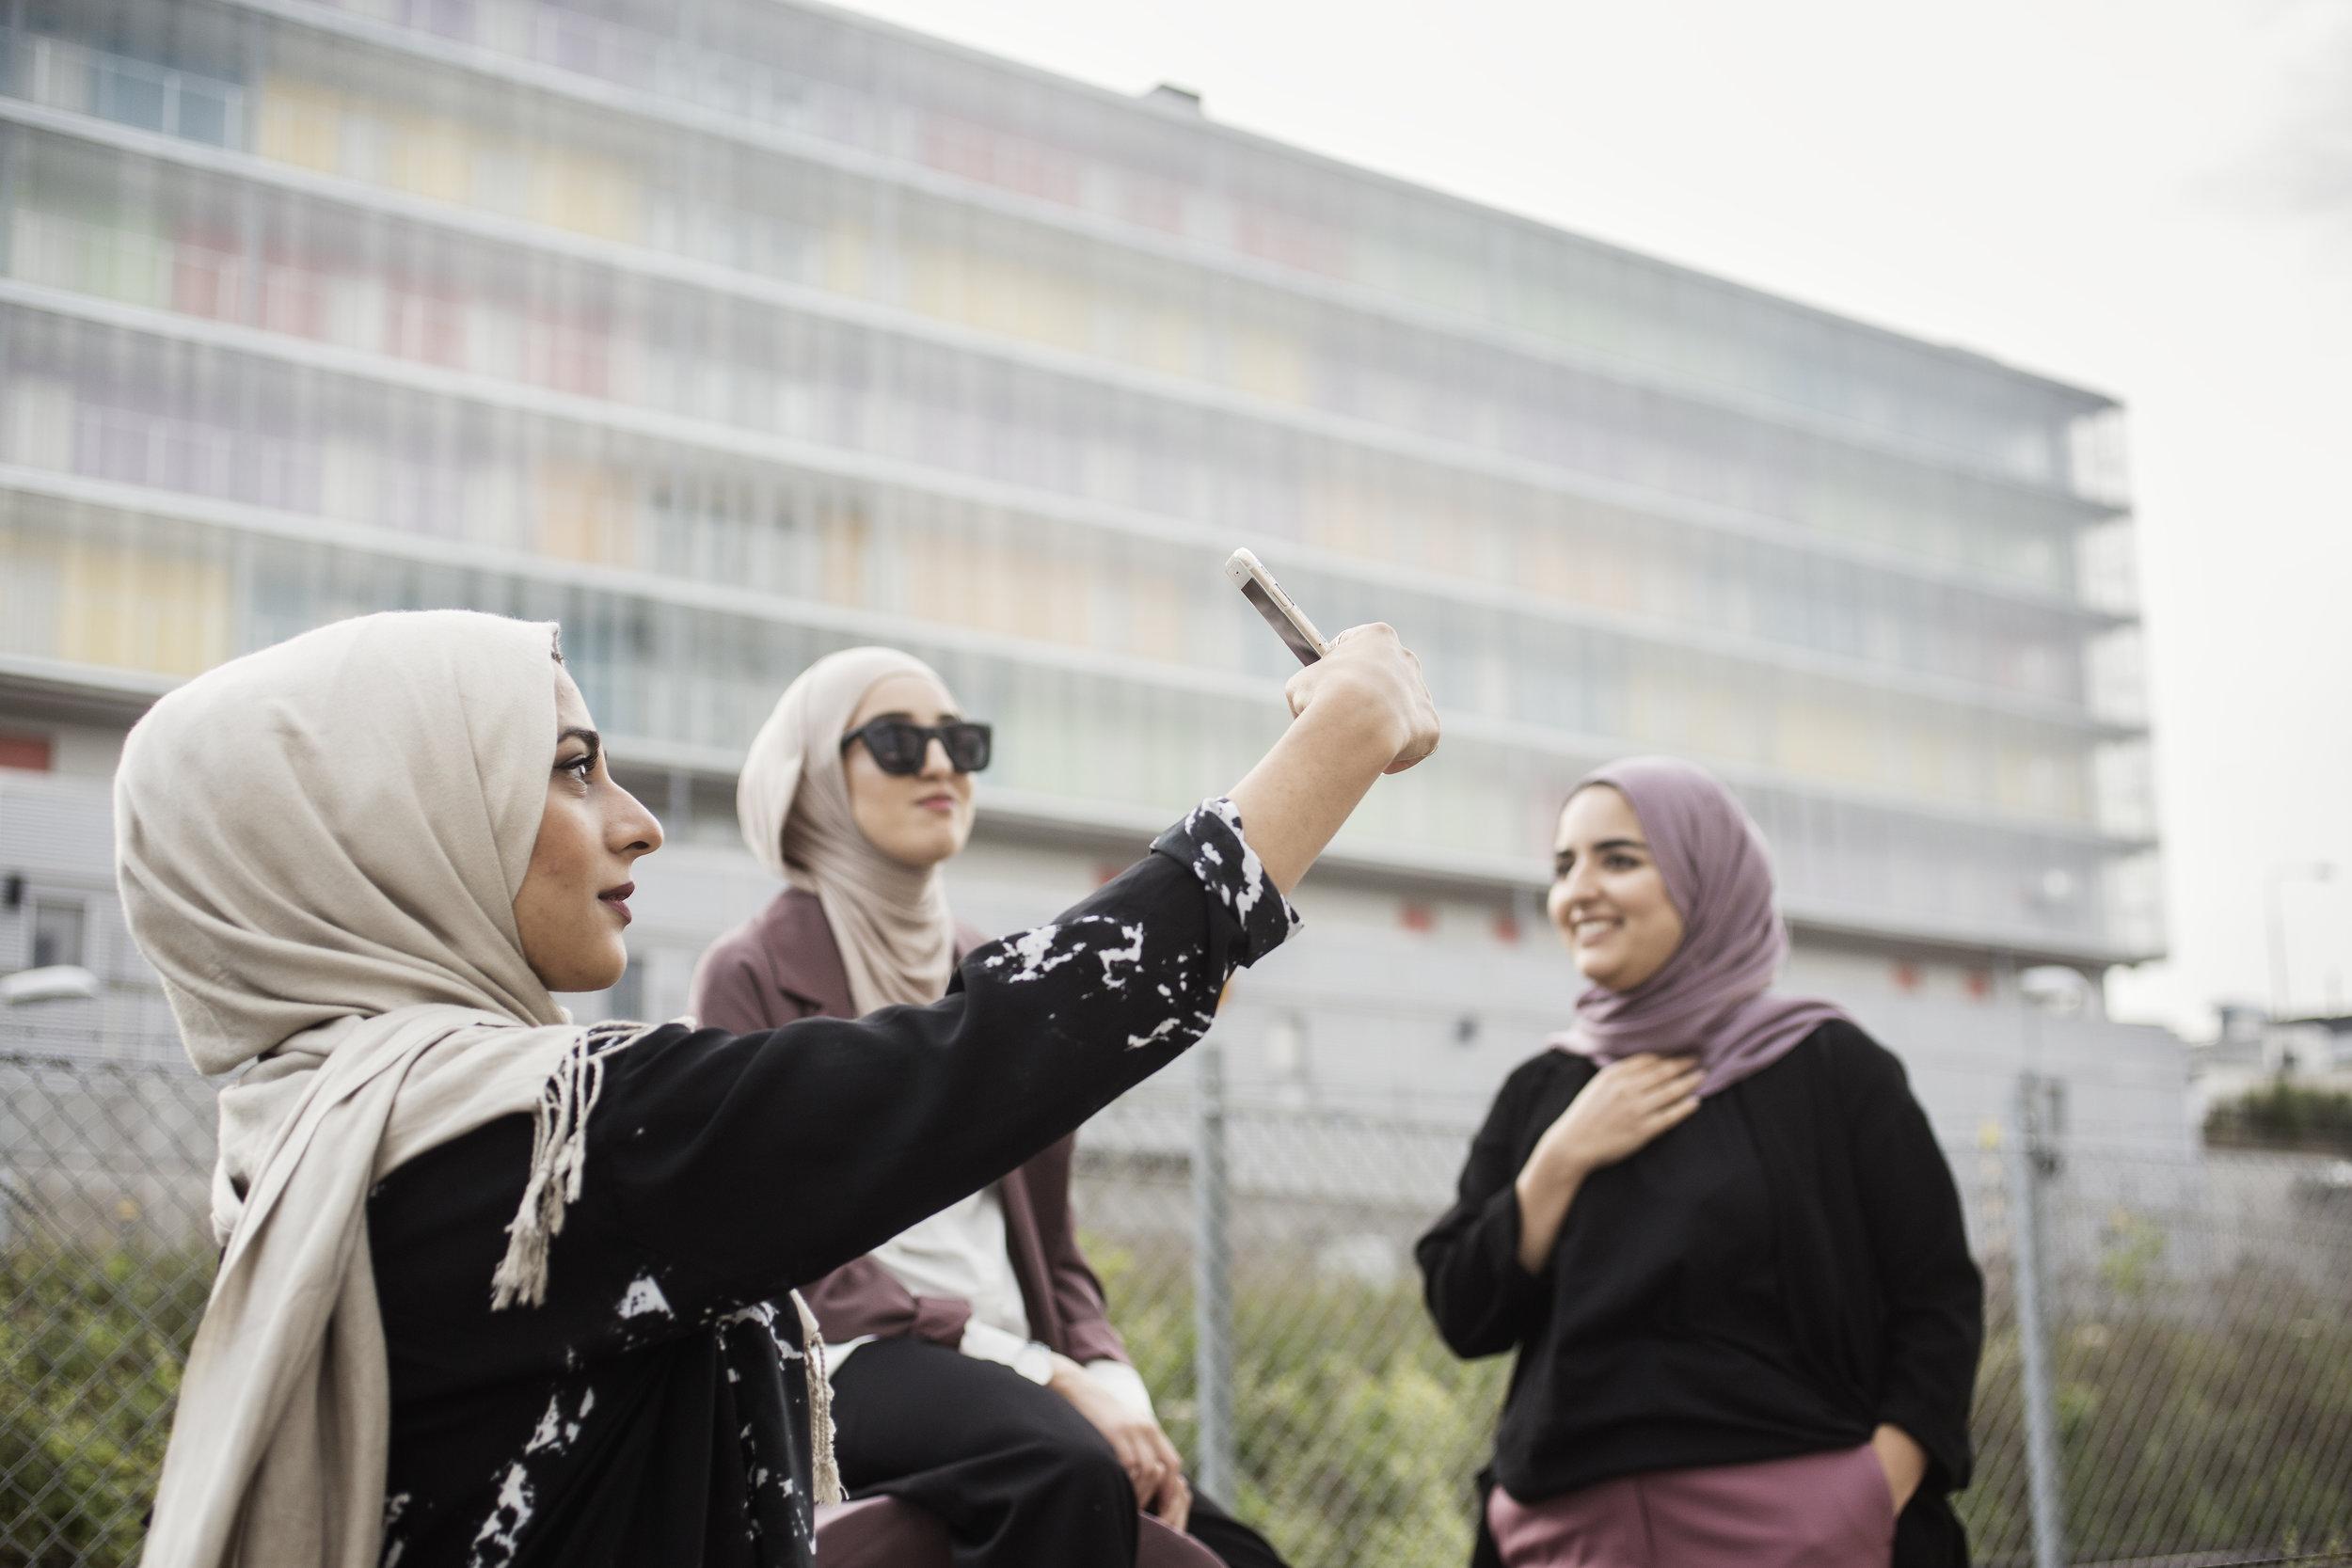 hijabistas__MG_4773_160617_EBE.jpg